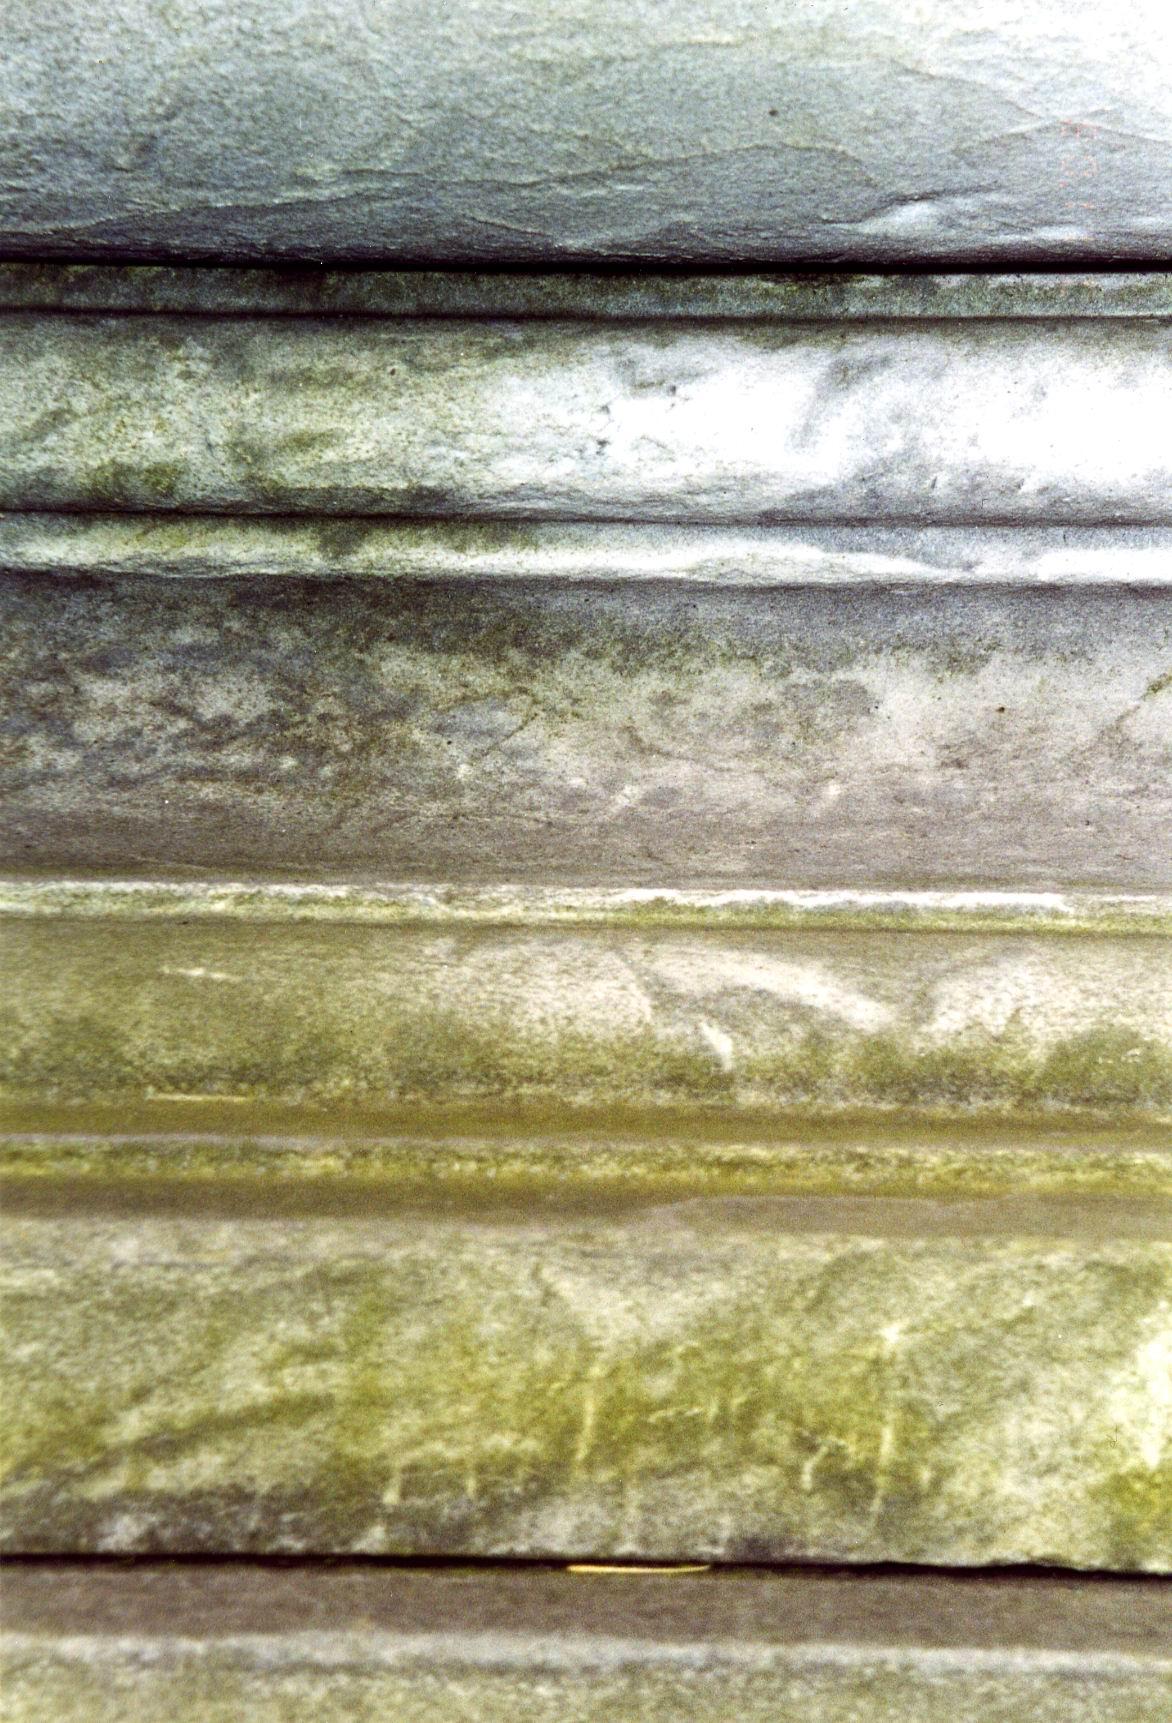 Фрагмент саркофага из светло-серого, мелко-, среднезернистого, однородного мрамора. Северная сторона. Видно сильно проявленное выкрашивание, колонии водорослей.  Фото ноября 2003 г.